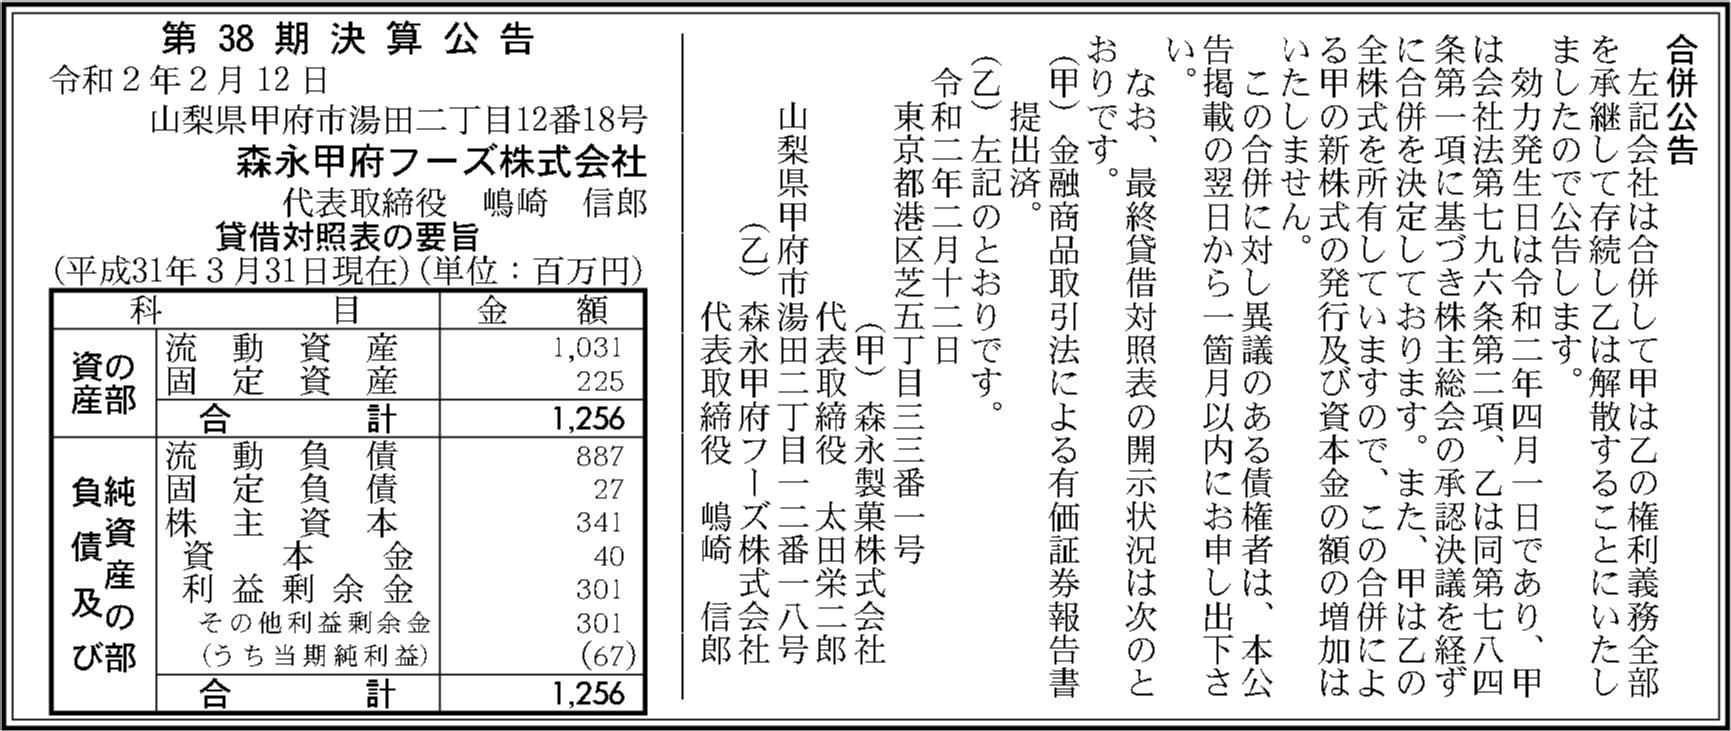 0058 4e3f268644b331daec98bd9963e48319b2b4ea620dfbf99c36b4a466249a18251bf33edc6621dca1325672bfd7880286cd133bdb39622c4b8261ddf8a0c4ad9d 05